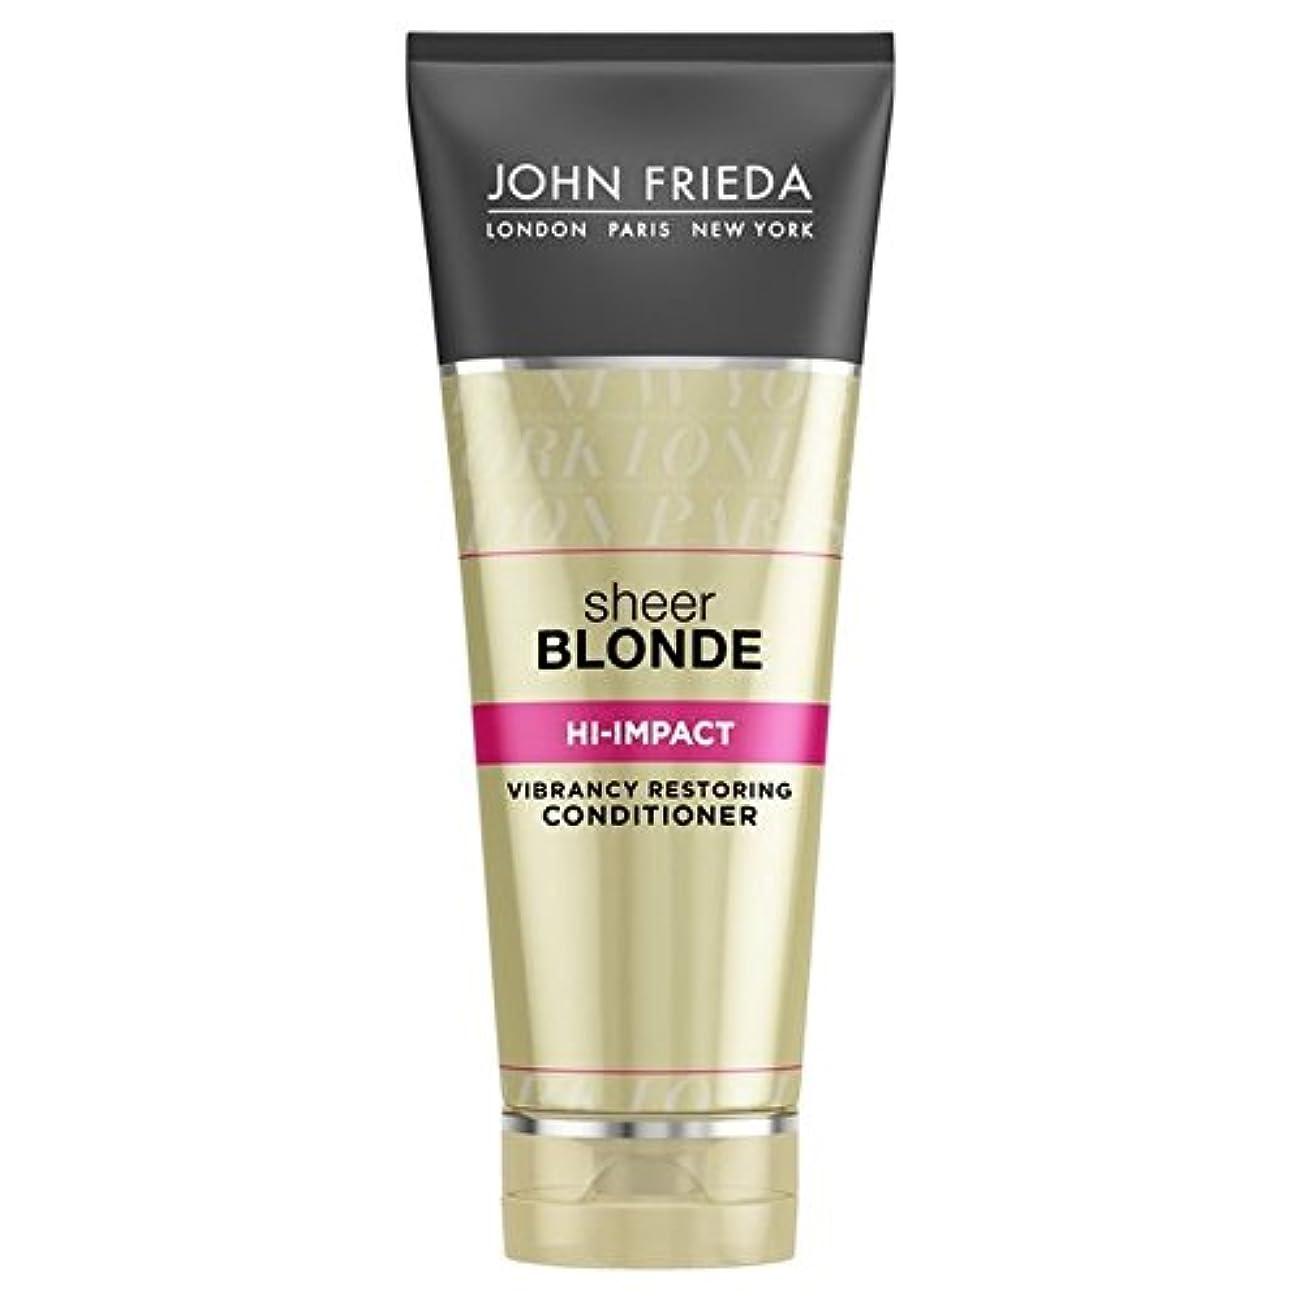 不適当工業化する一般ジョン?フリーダ膨大なブロンドハイインパクトコンディショナー250 x4 - John Frieda Sheer Blonde Hi Impact Conditioner 250ml (Pack of 4) [並行輸入品]